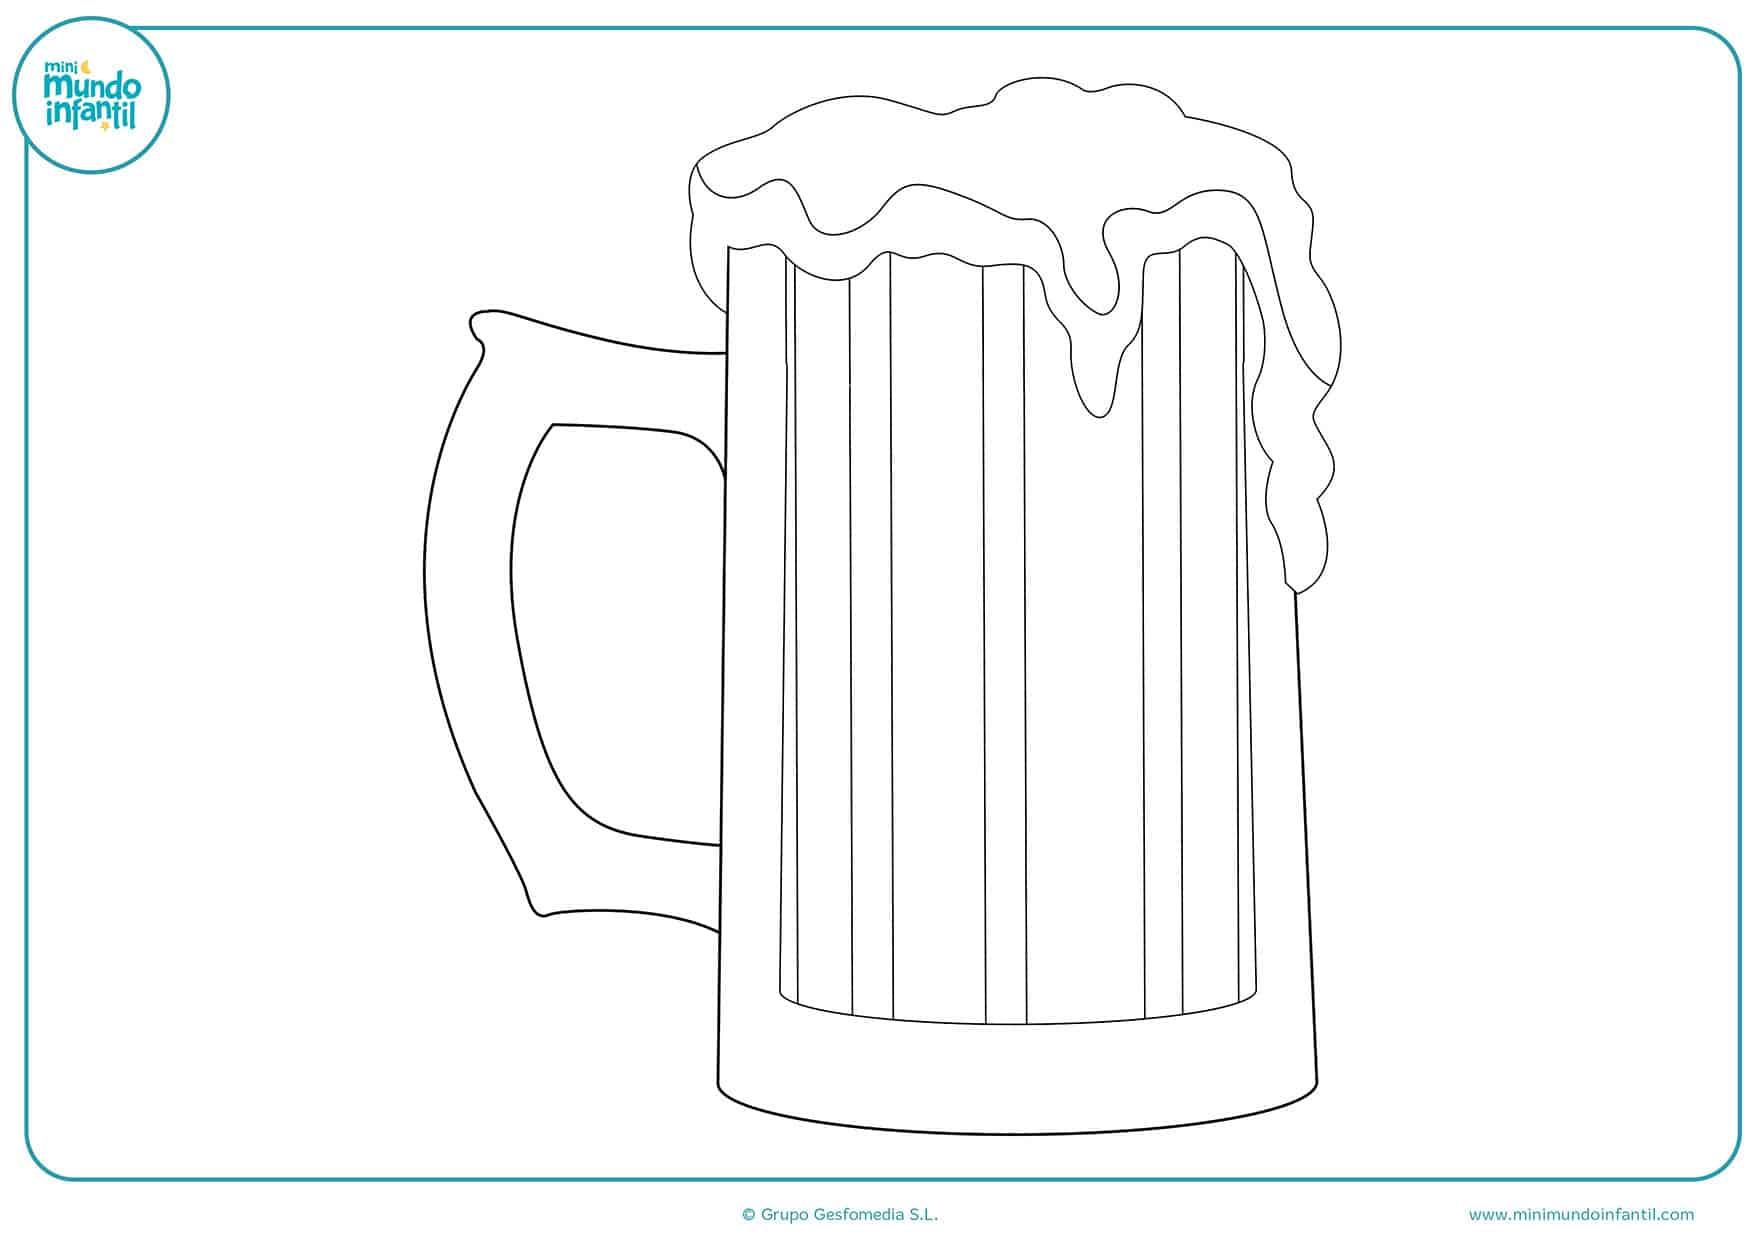 Imagenes Animadas Para Colorear: Dibujos De Bebida Para Colorear